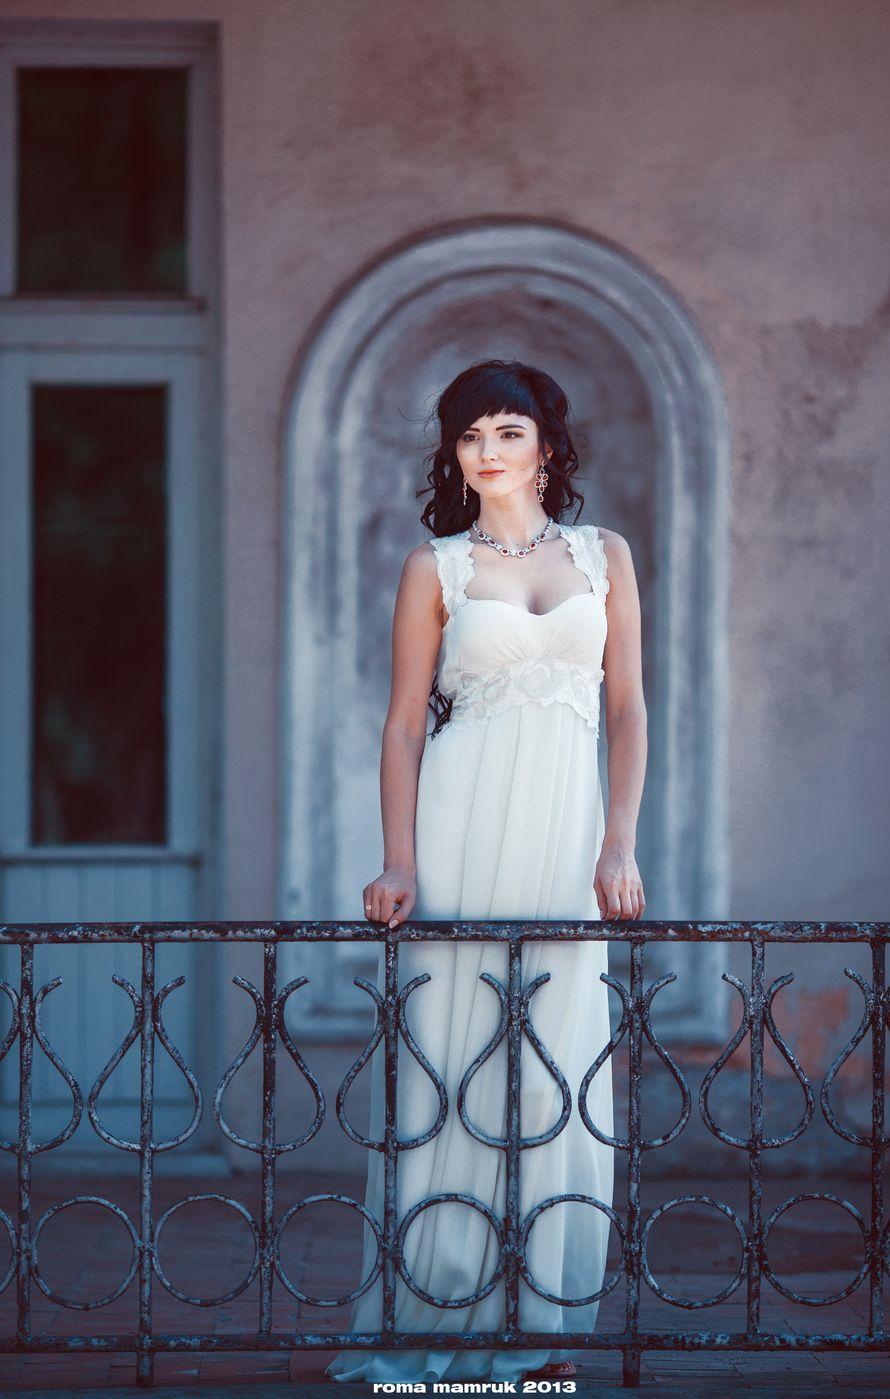 Невеста в прямом платье цвета айвори в греческом стиле с корсетом с драпировкой на кружевных бретелях  - фото 1025599 Roman Mamruk свадебный фотограф